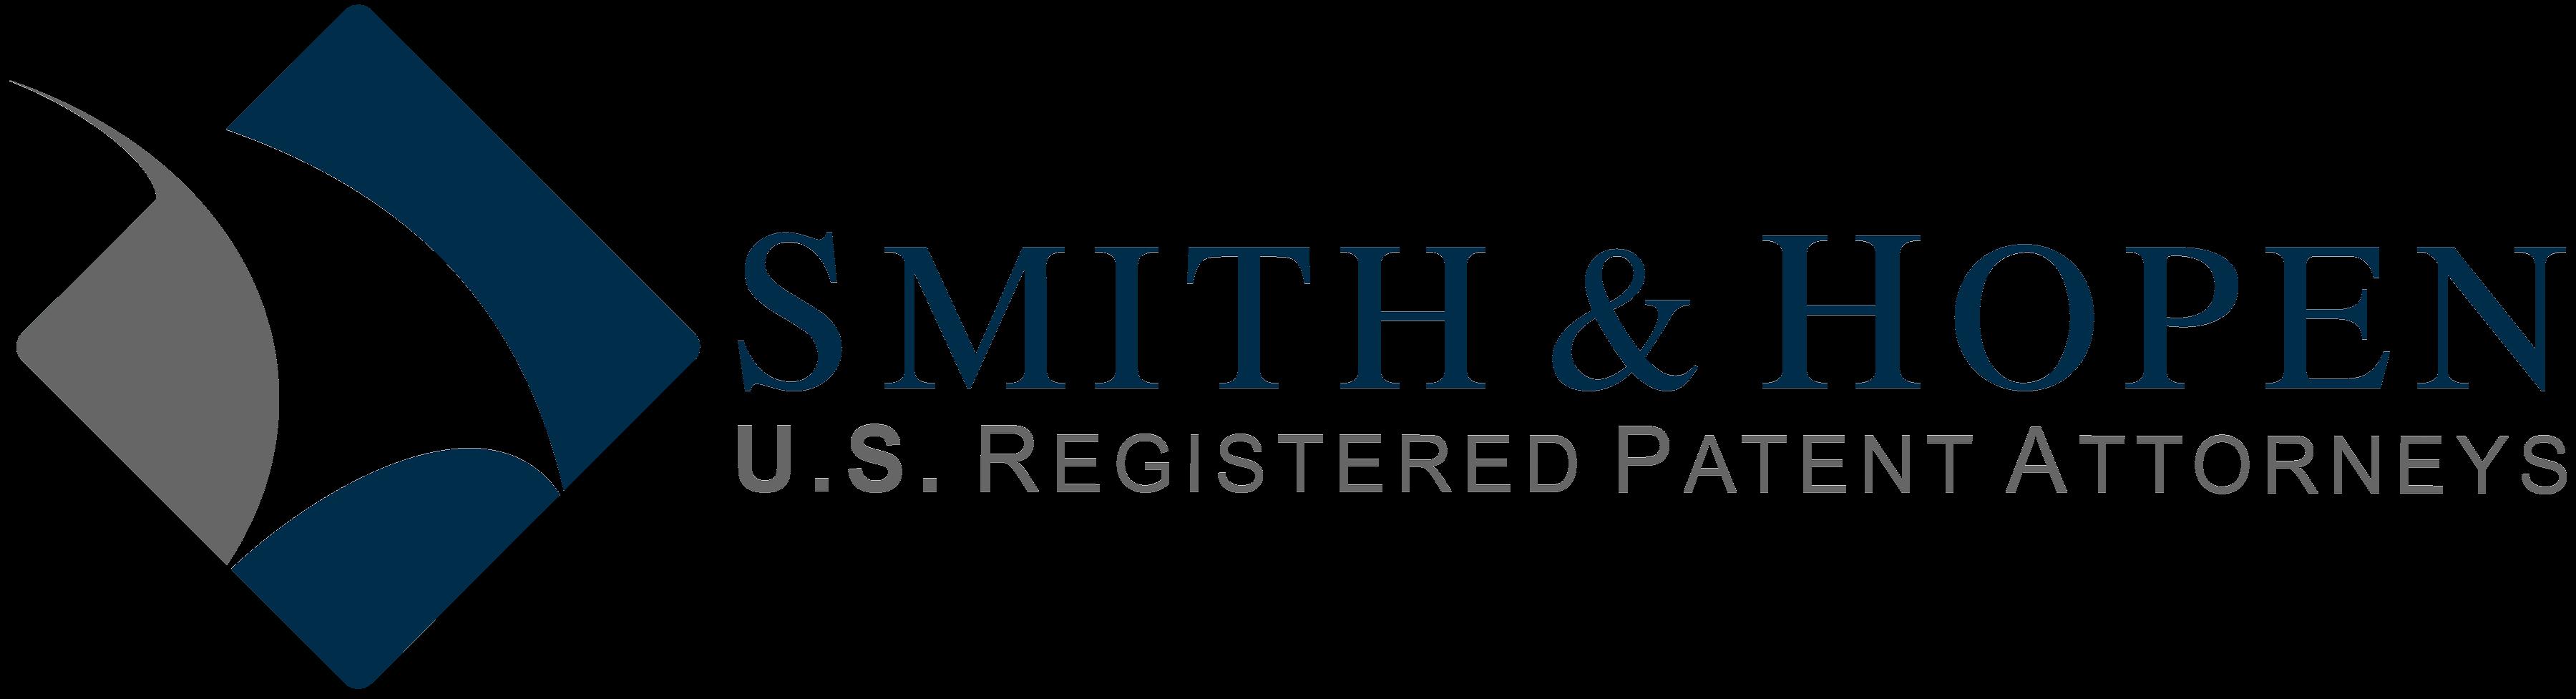 Smith & Hopen